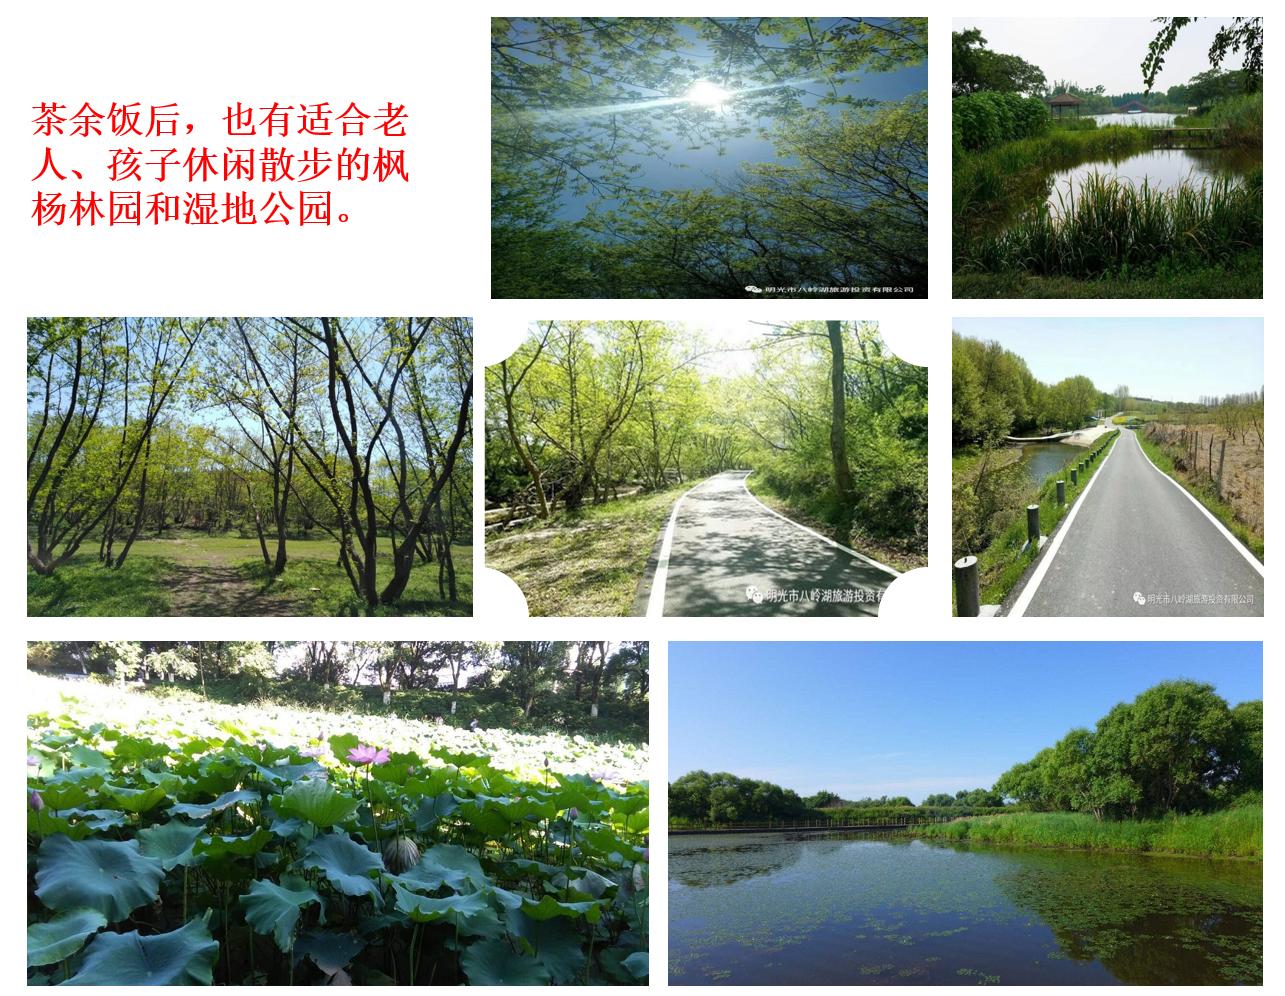 滁州八岭湖景区